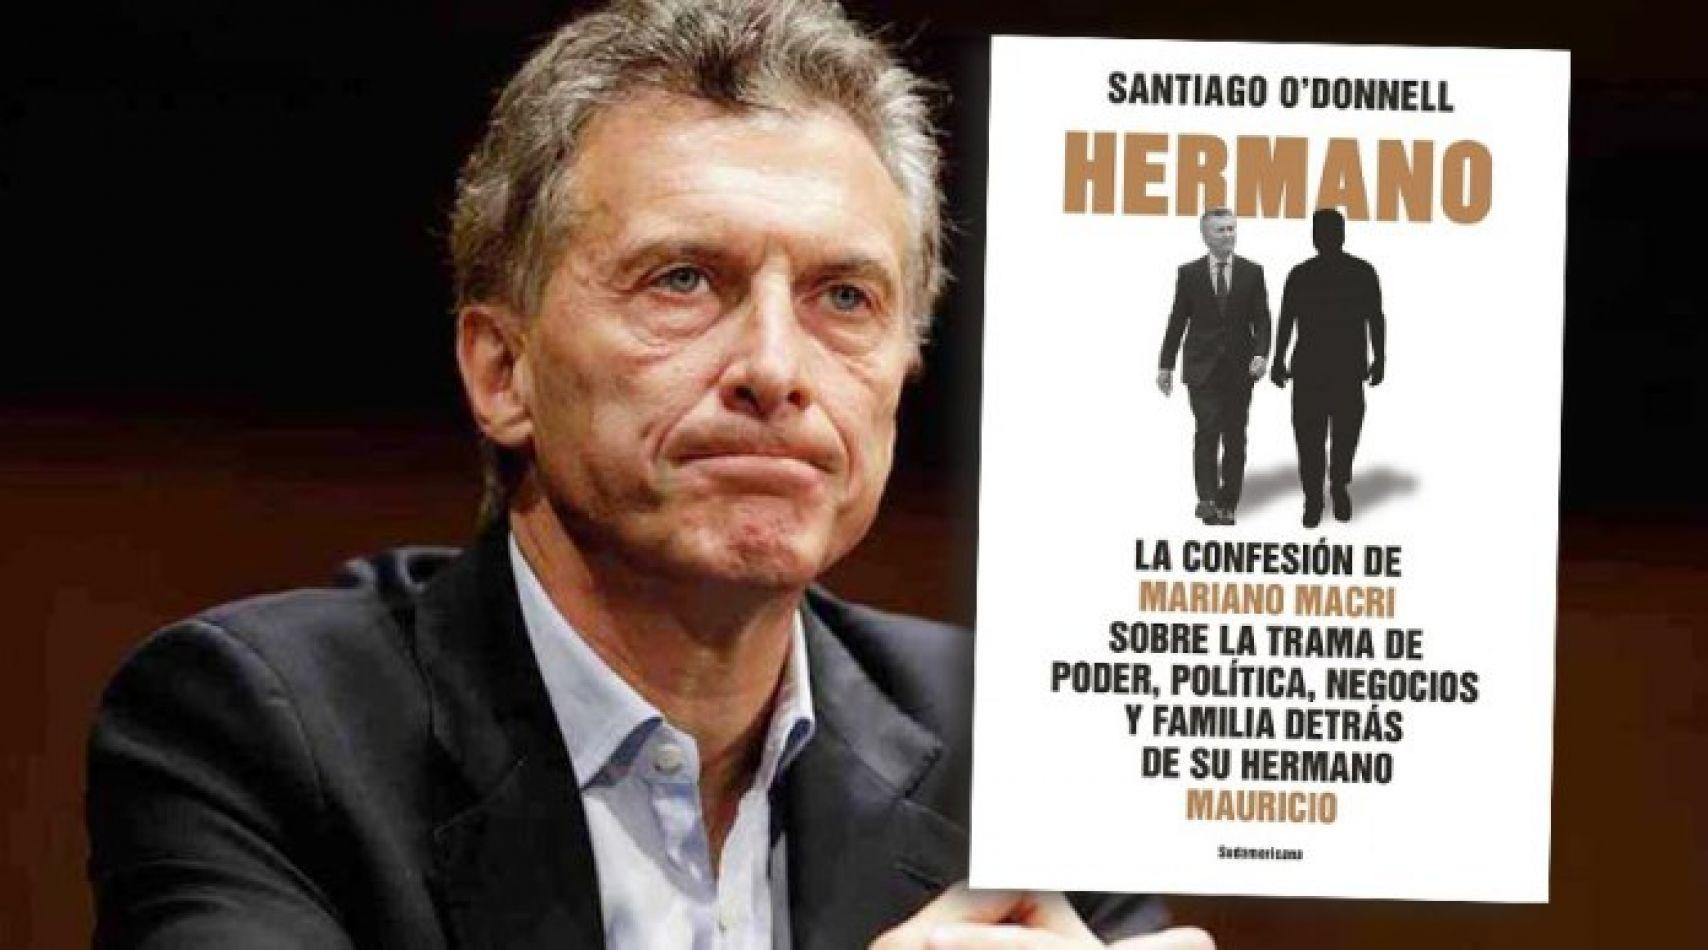 Espionaje ilegal: piden que el hermano de Mauricio Macri testifique en la causa